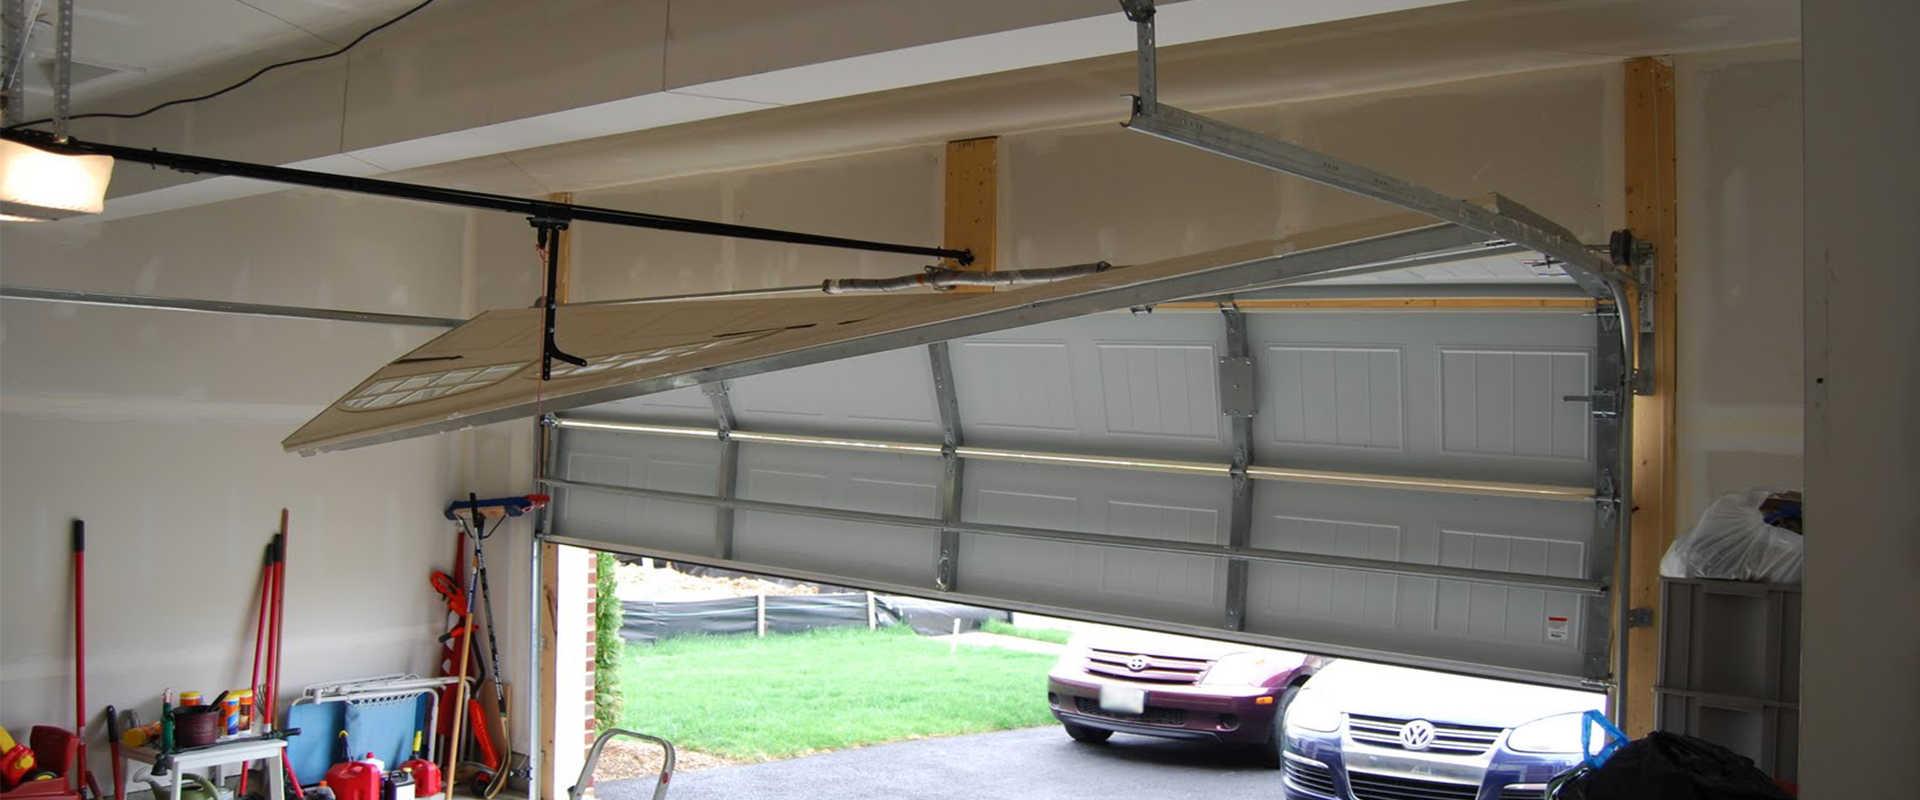 911 Garage Door Repair Albuquerque NM  ABQ Garage Doors Experts